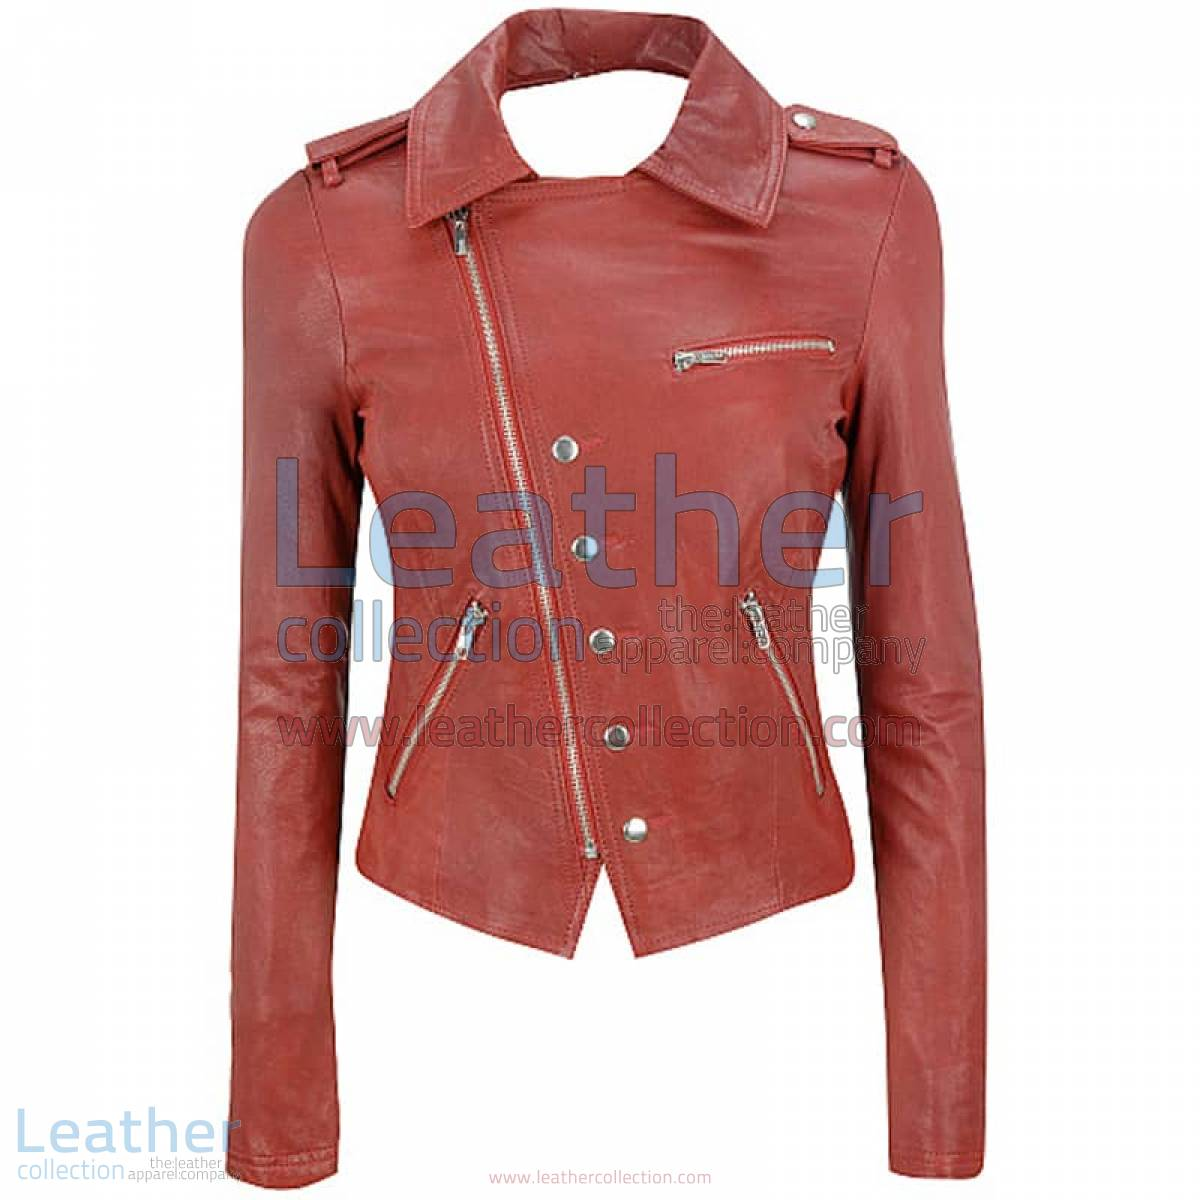 Cutaway Asymmetrical Leather Jacket Womens | asymmetrical jacket womens,asymmetrical leather jacket